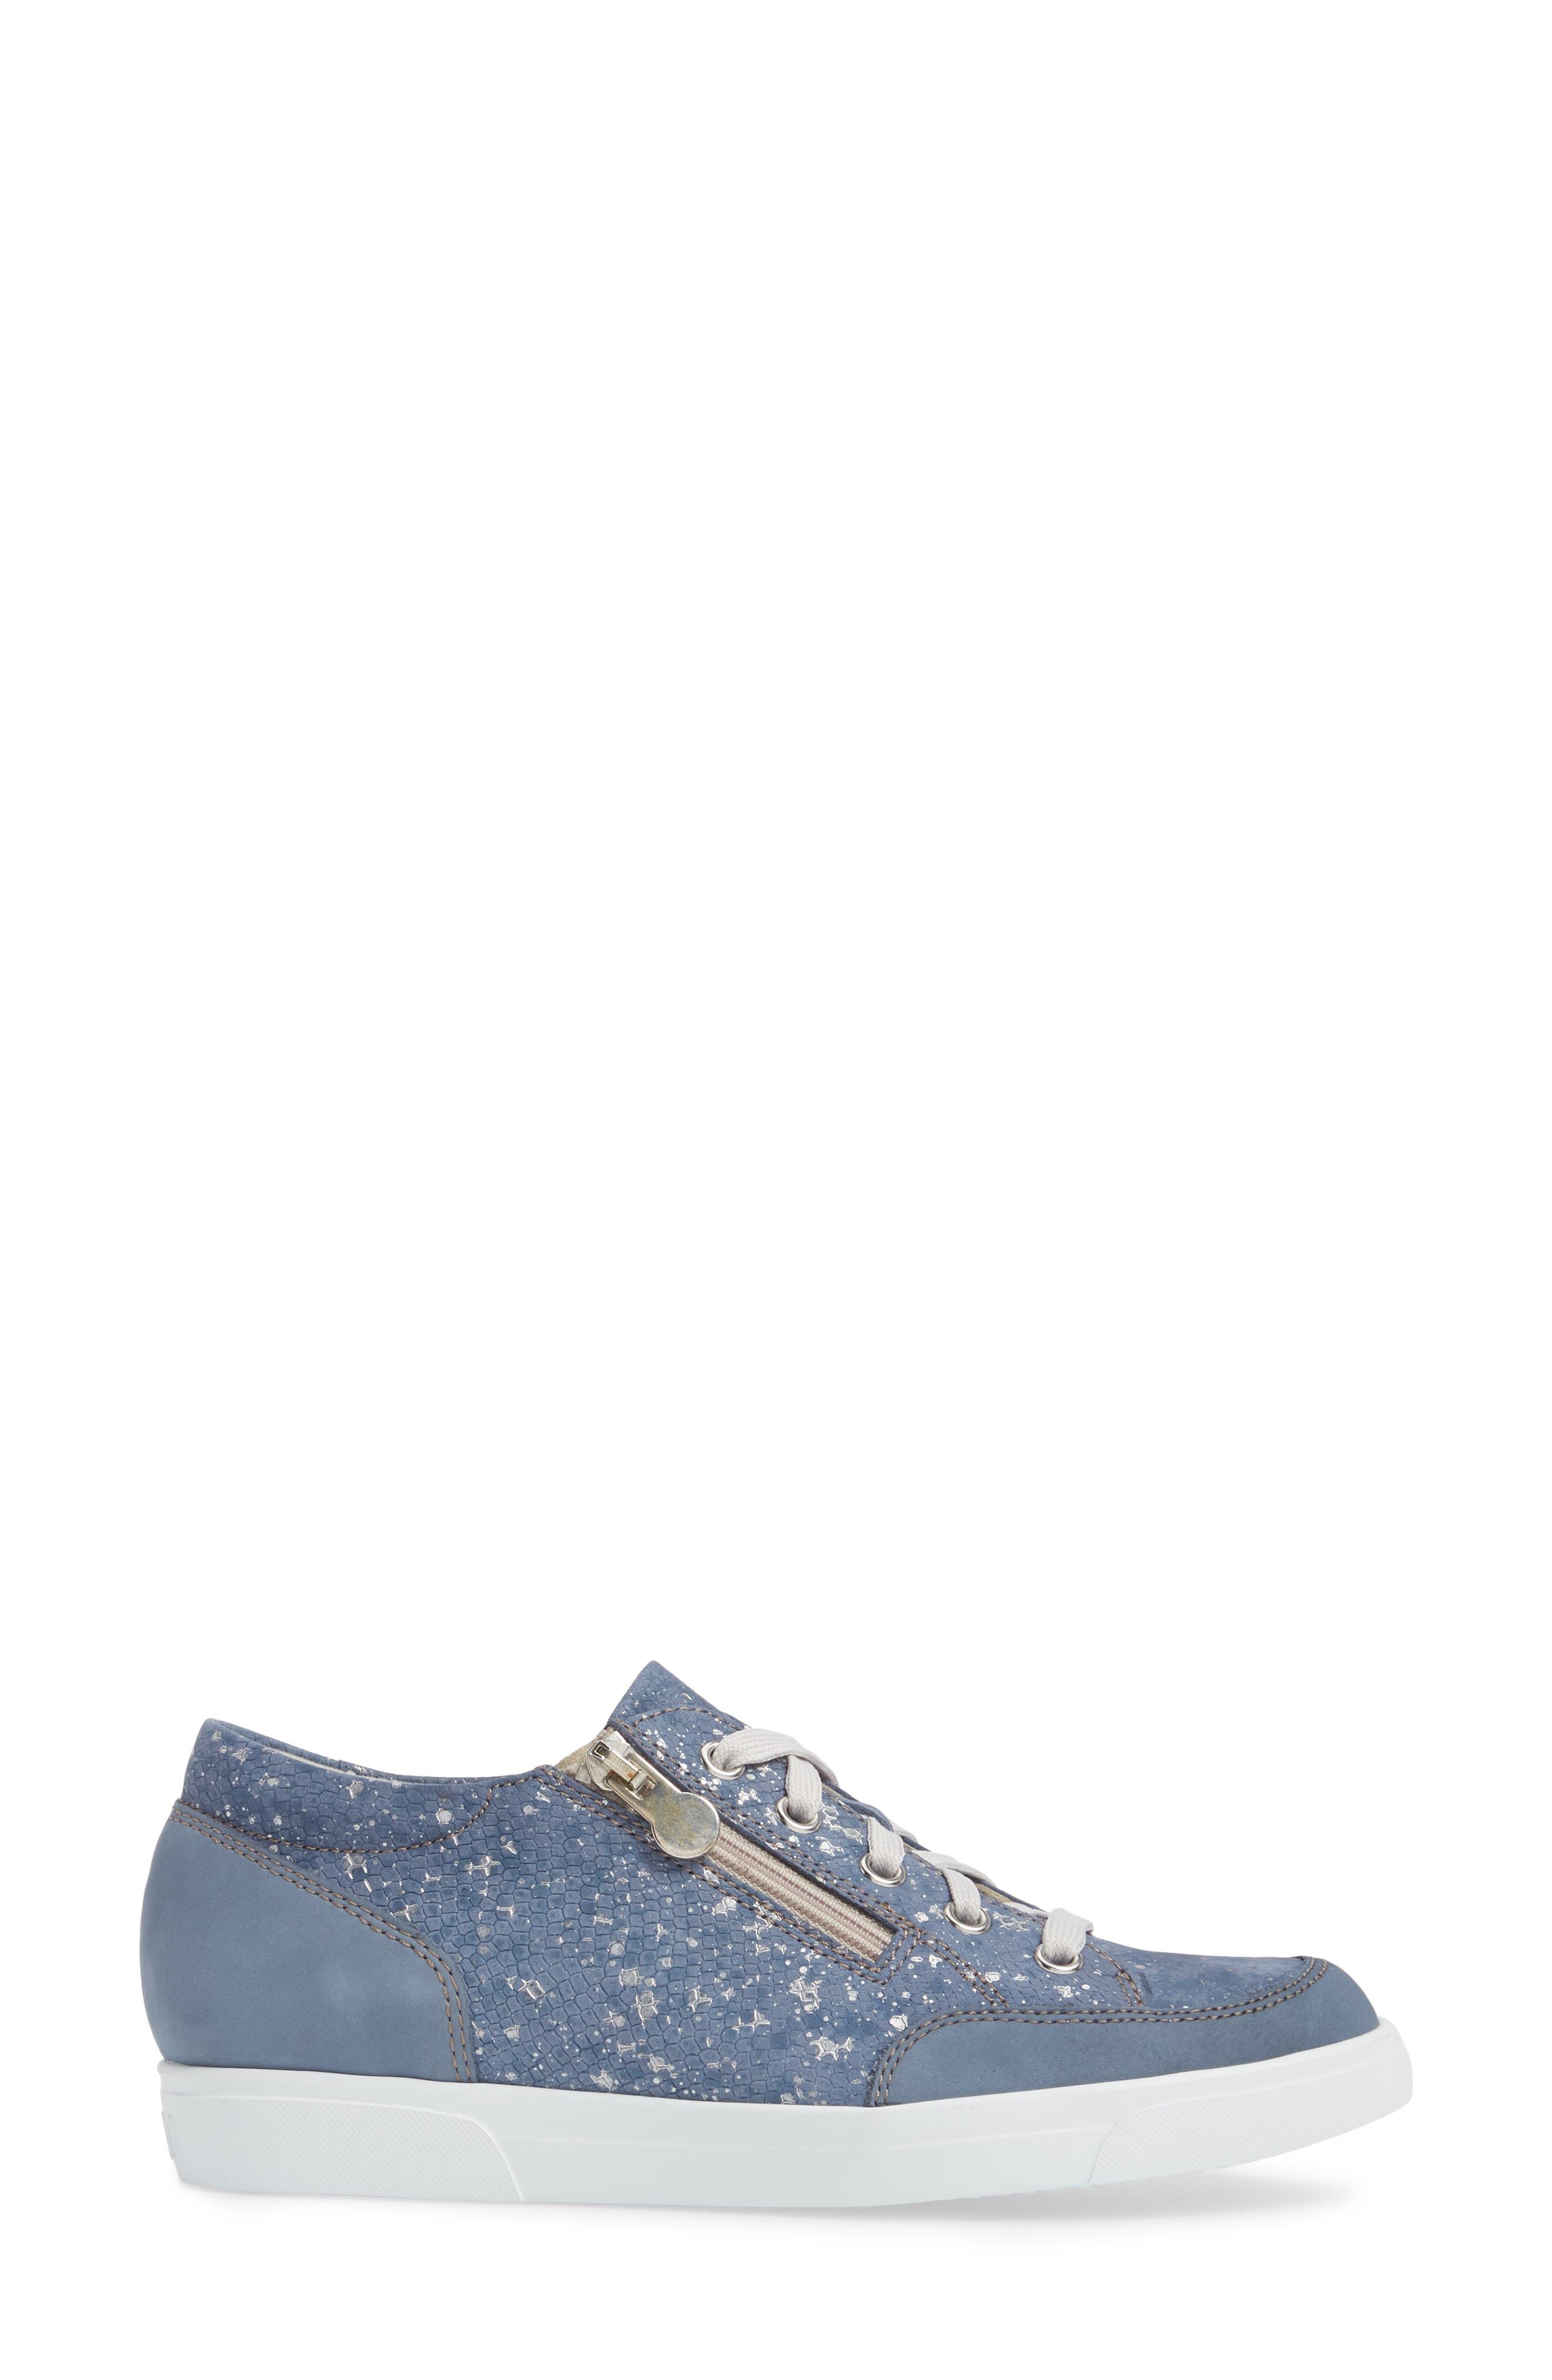 Gabbie Sneaker,                             Alternate thumbnail 3, color,                             Denim Metallic Print